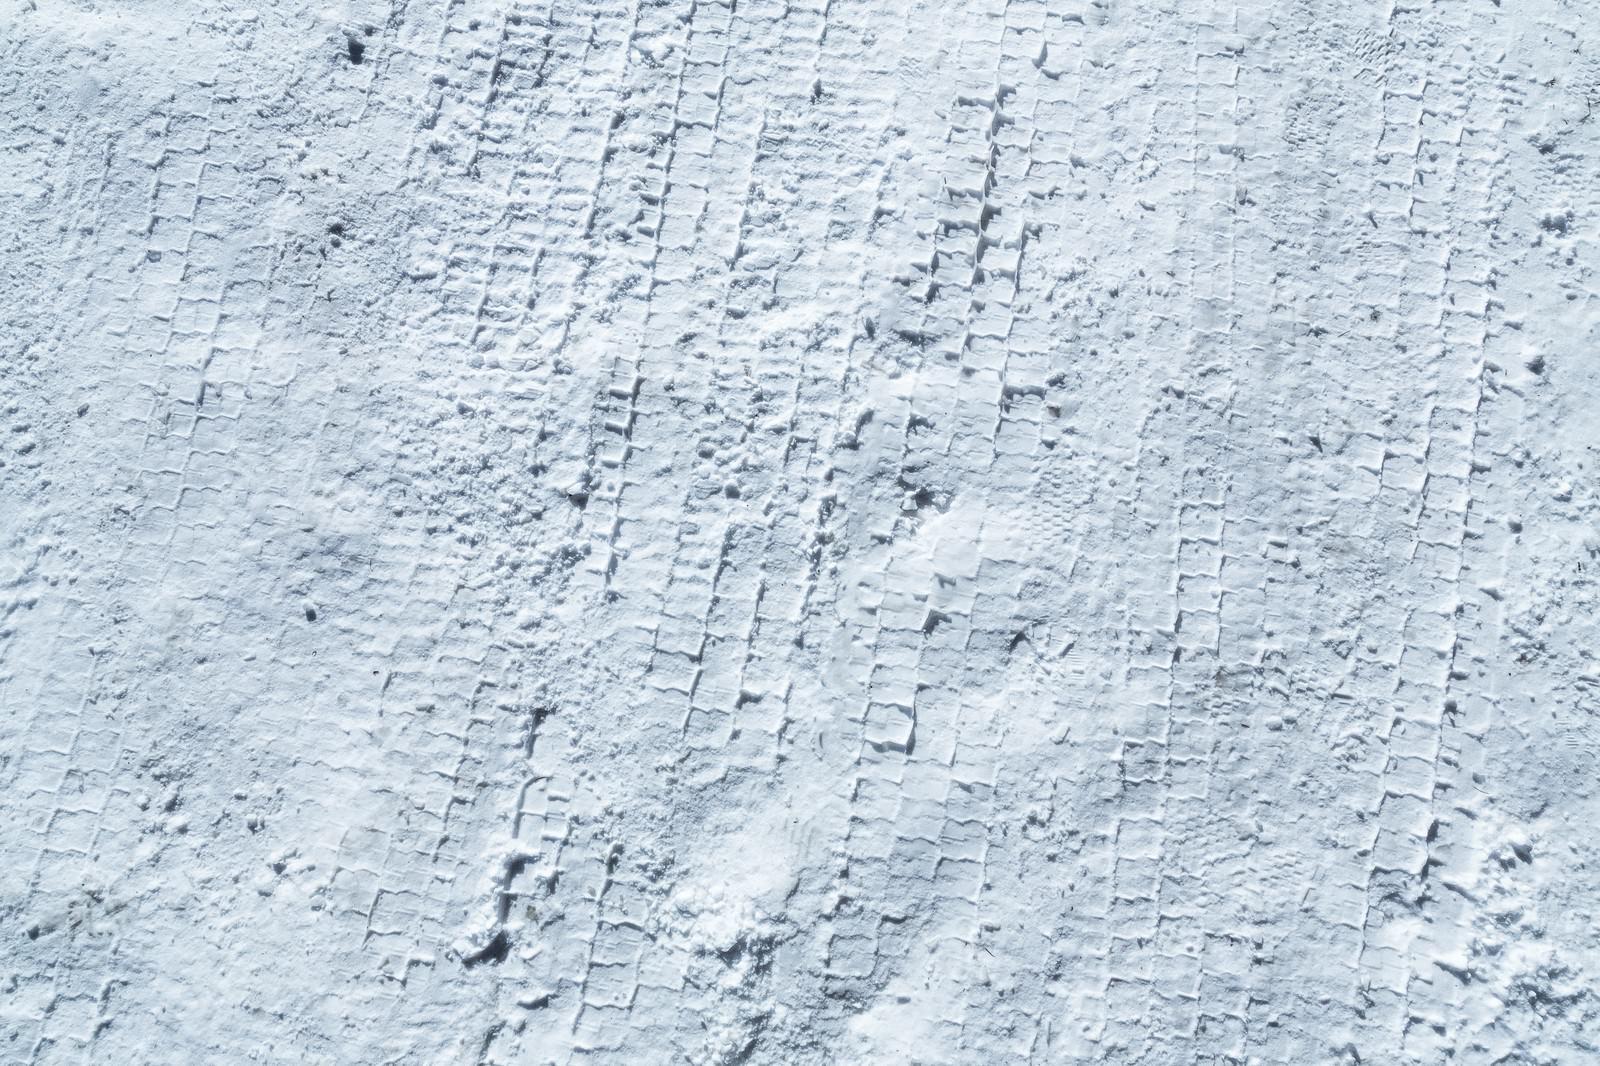 「雪のタイヤ痕雪のタイヤ痕」のフリー写真素材を拡大